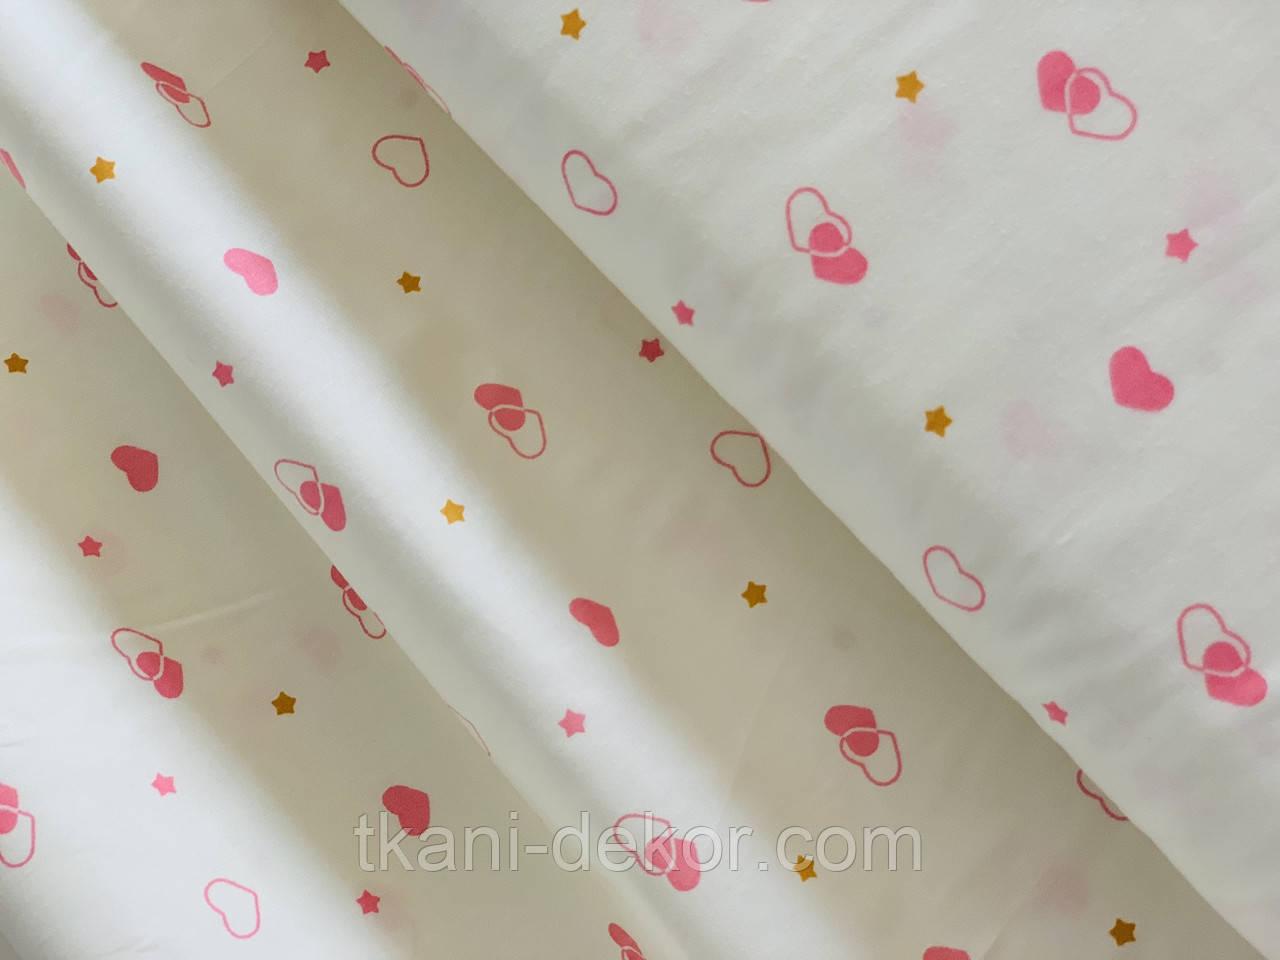 Сатин (хлопковая ткань) парные розовые сердечки и звезды